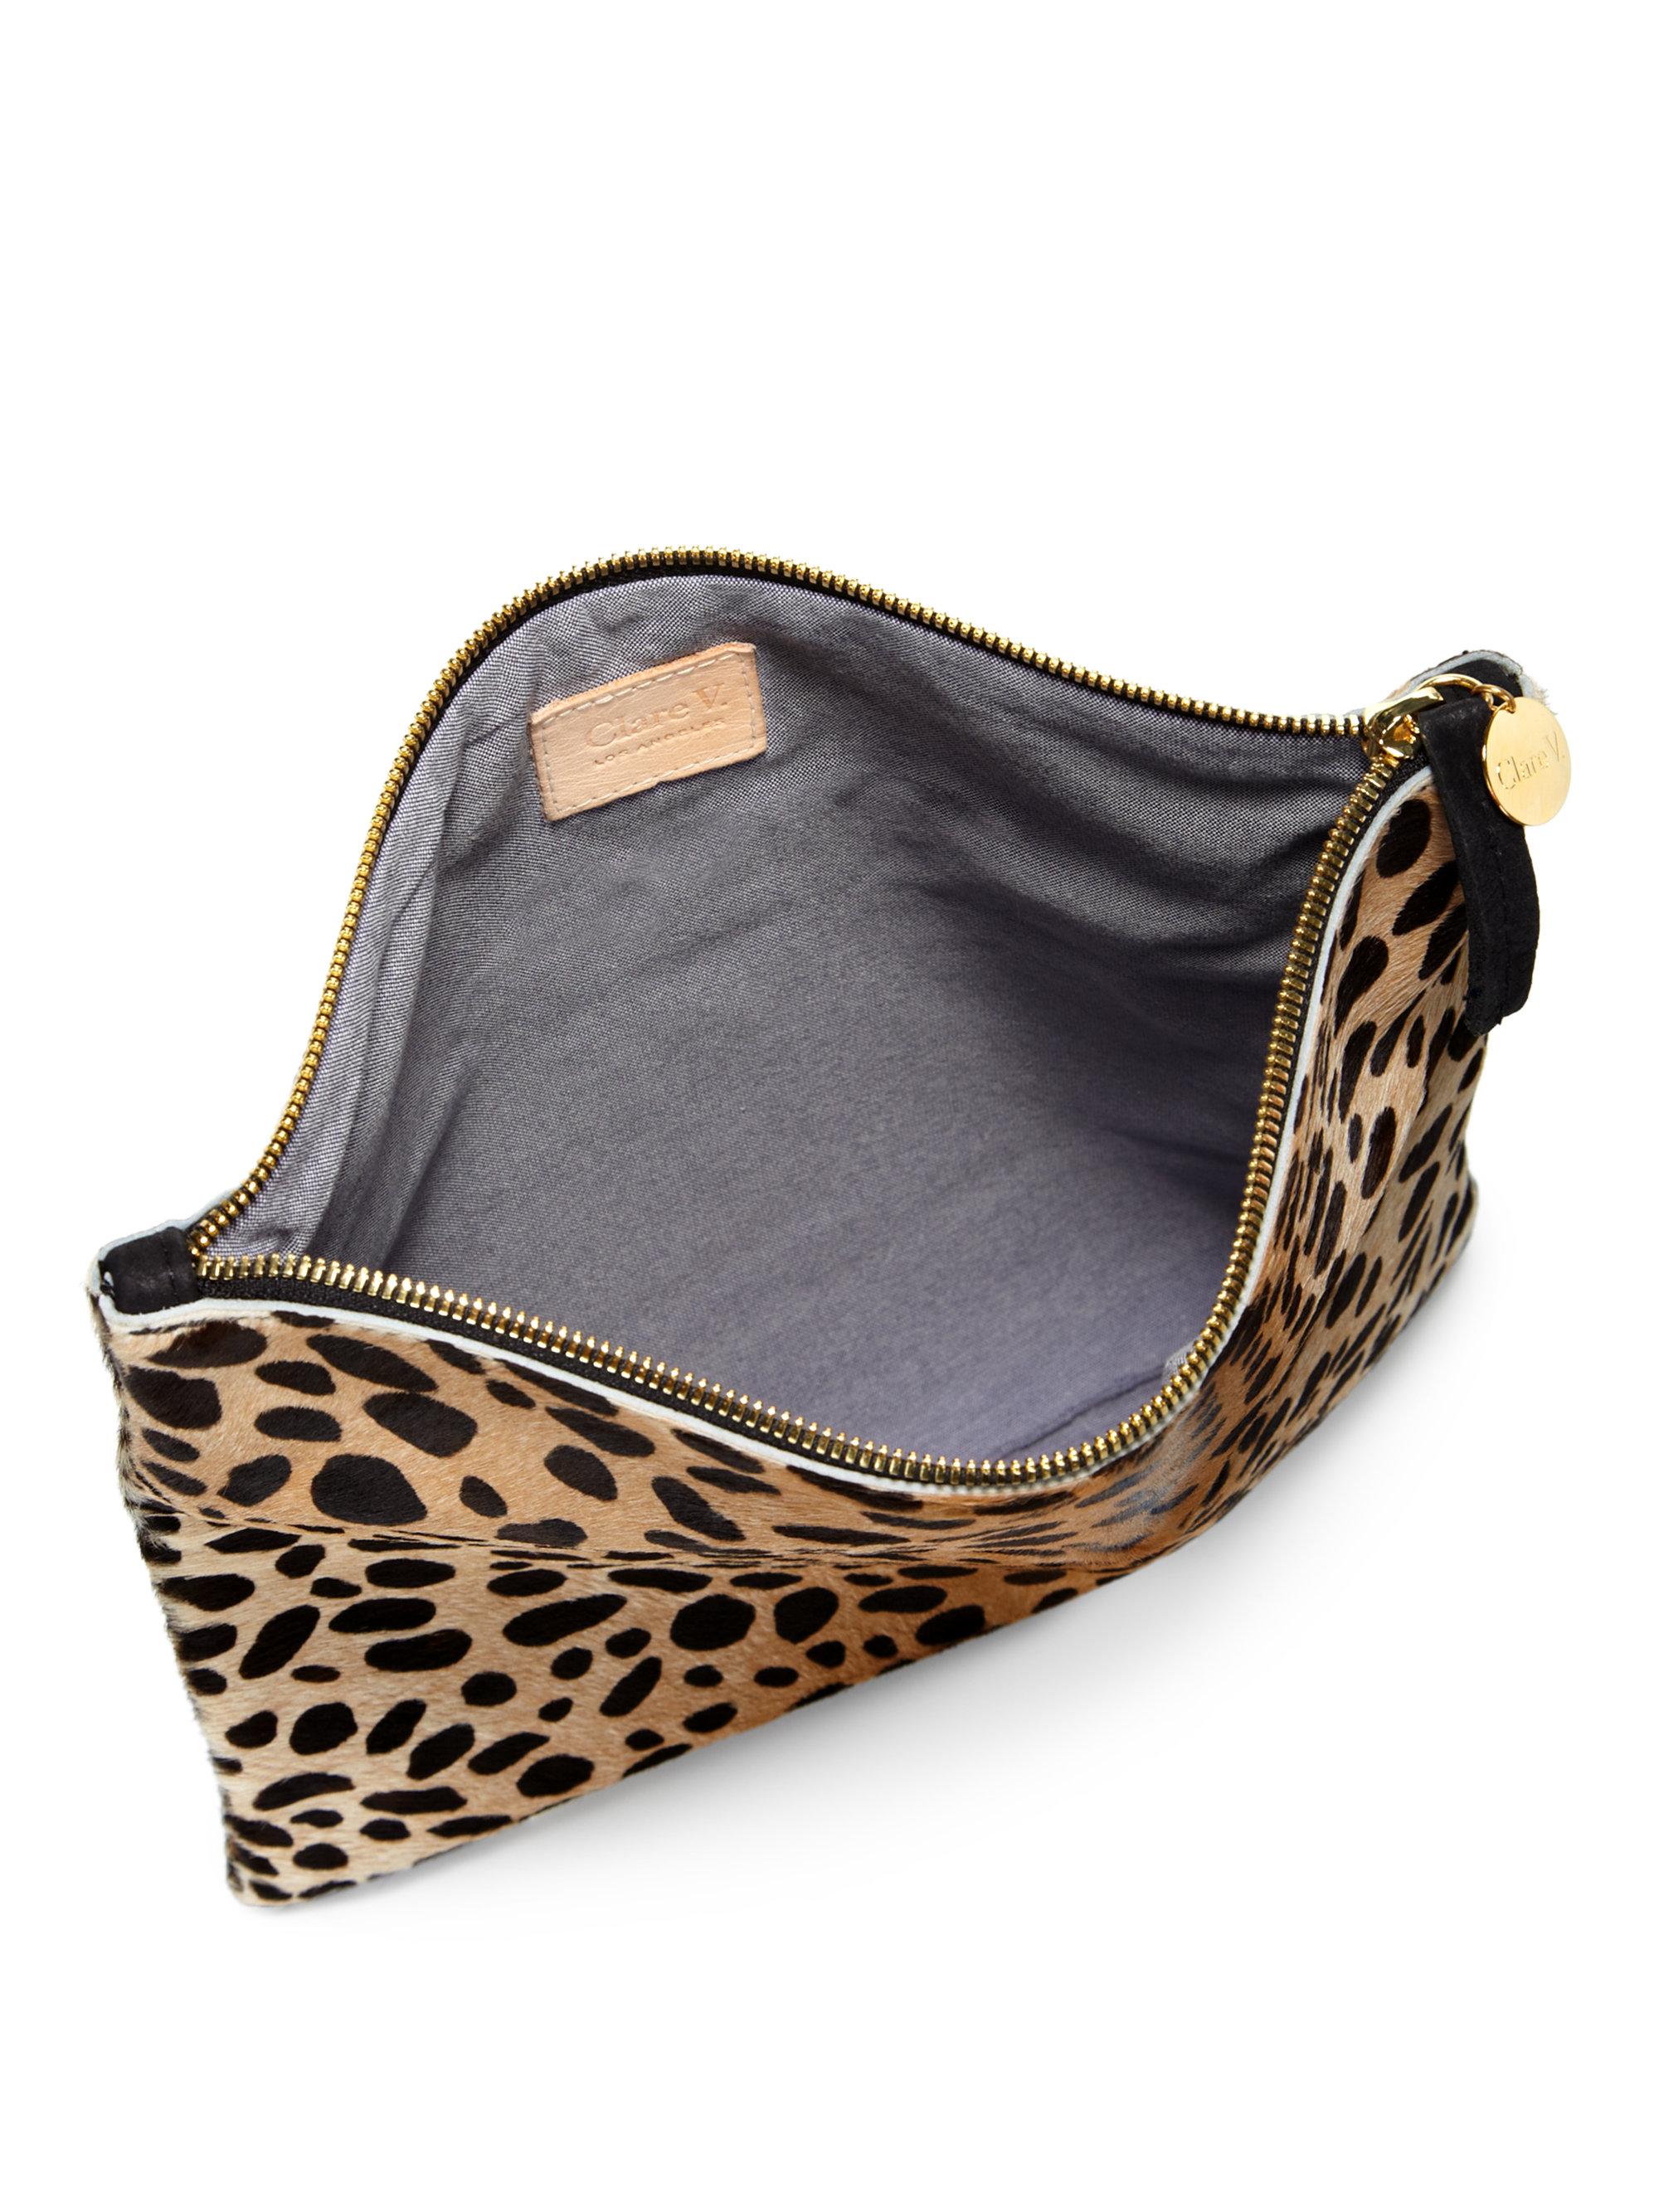 8387f9d82e5c Clare V. Leopardprint Calf Hair Foldover Clutch - Lyst